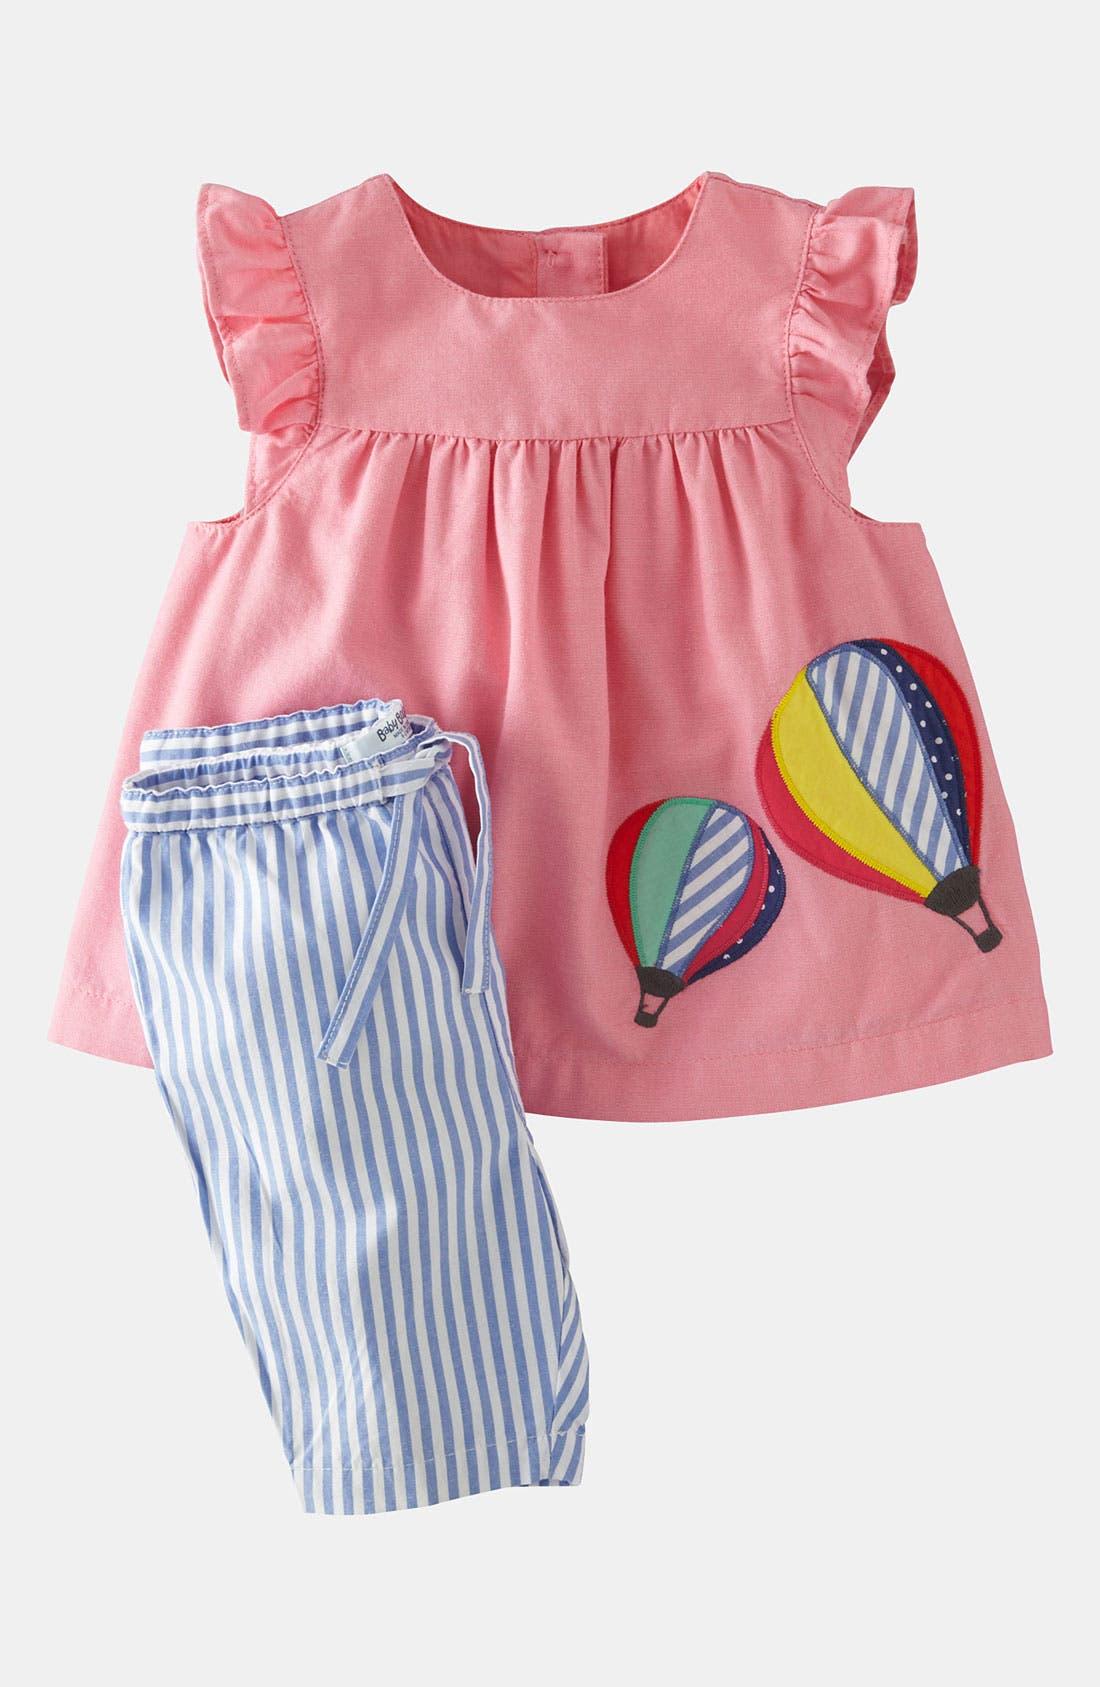 Alternate Image 1 Selected - Mini Boden Appliqué Dress & Leggings (Baby Girls)